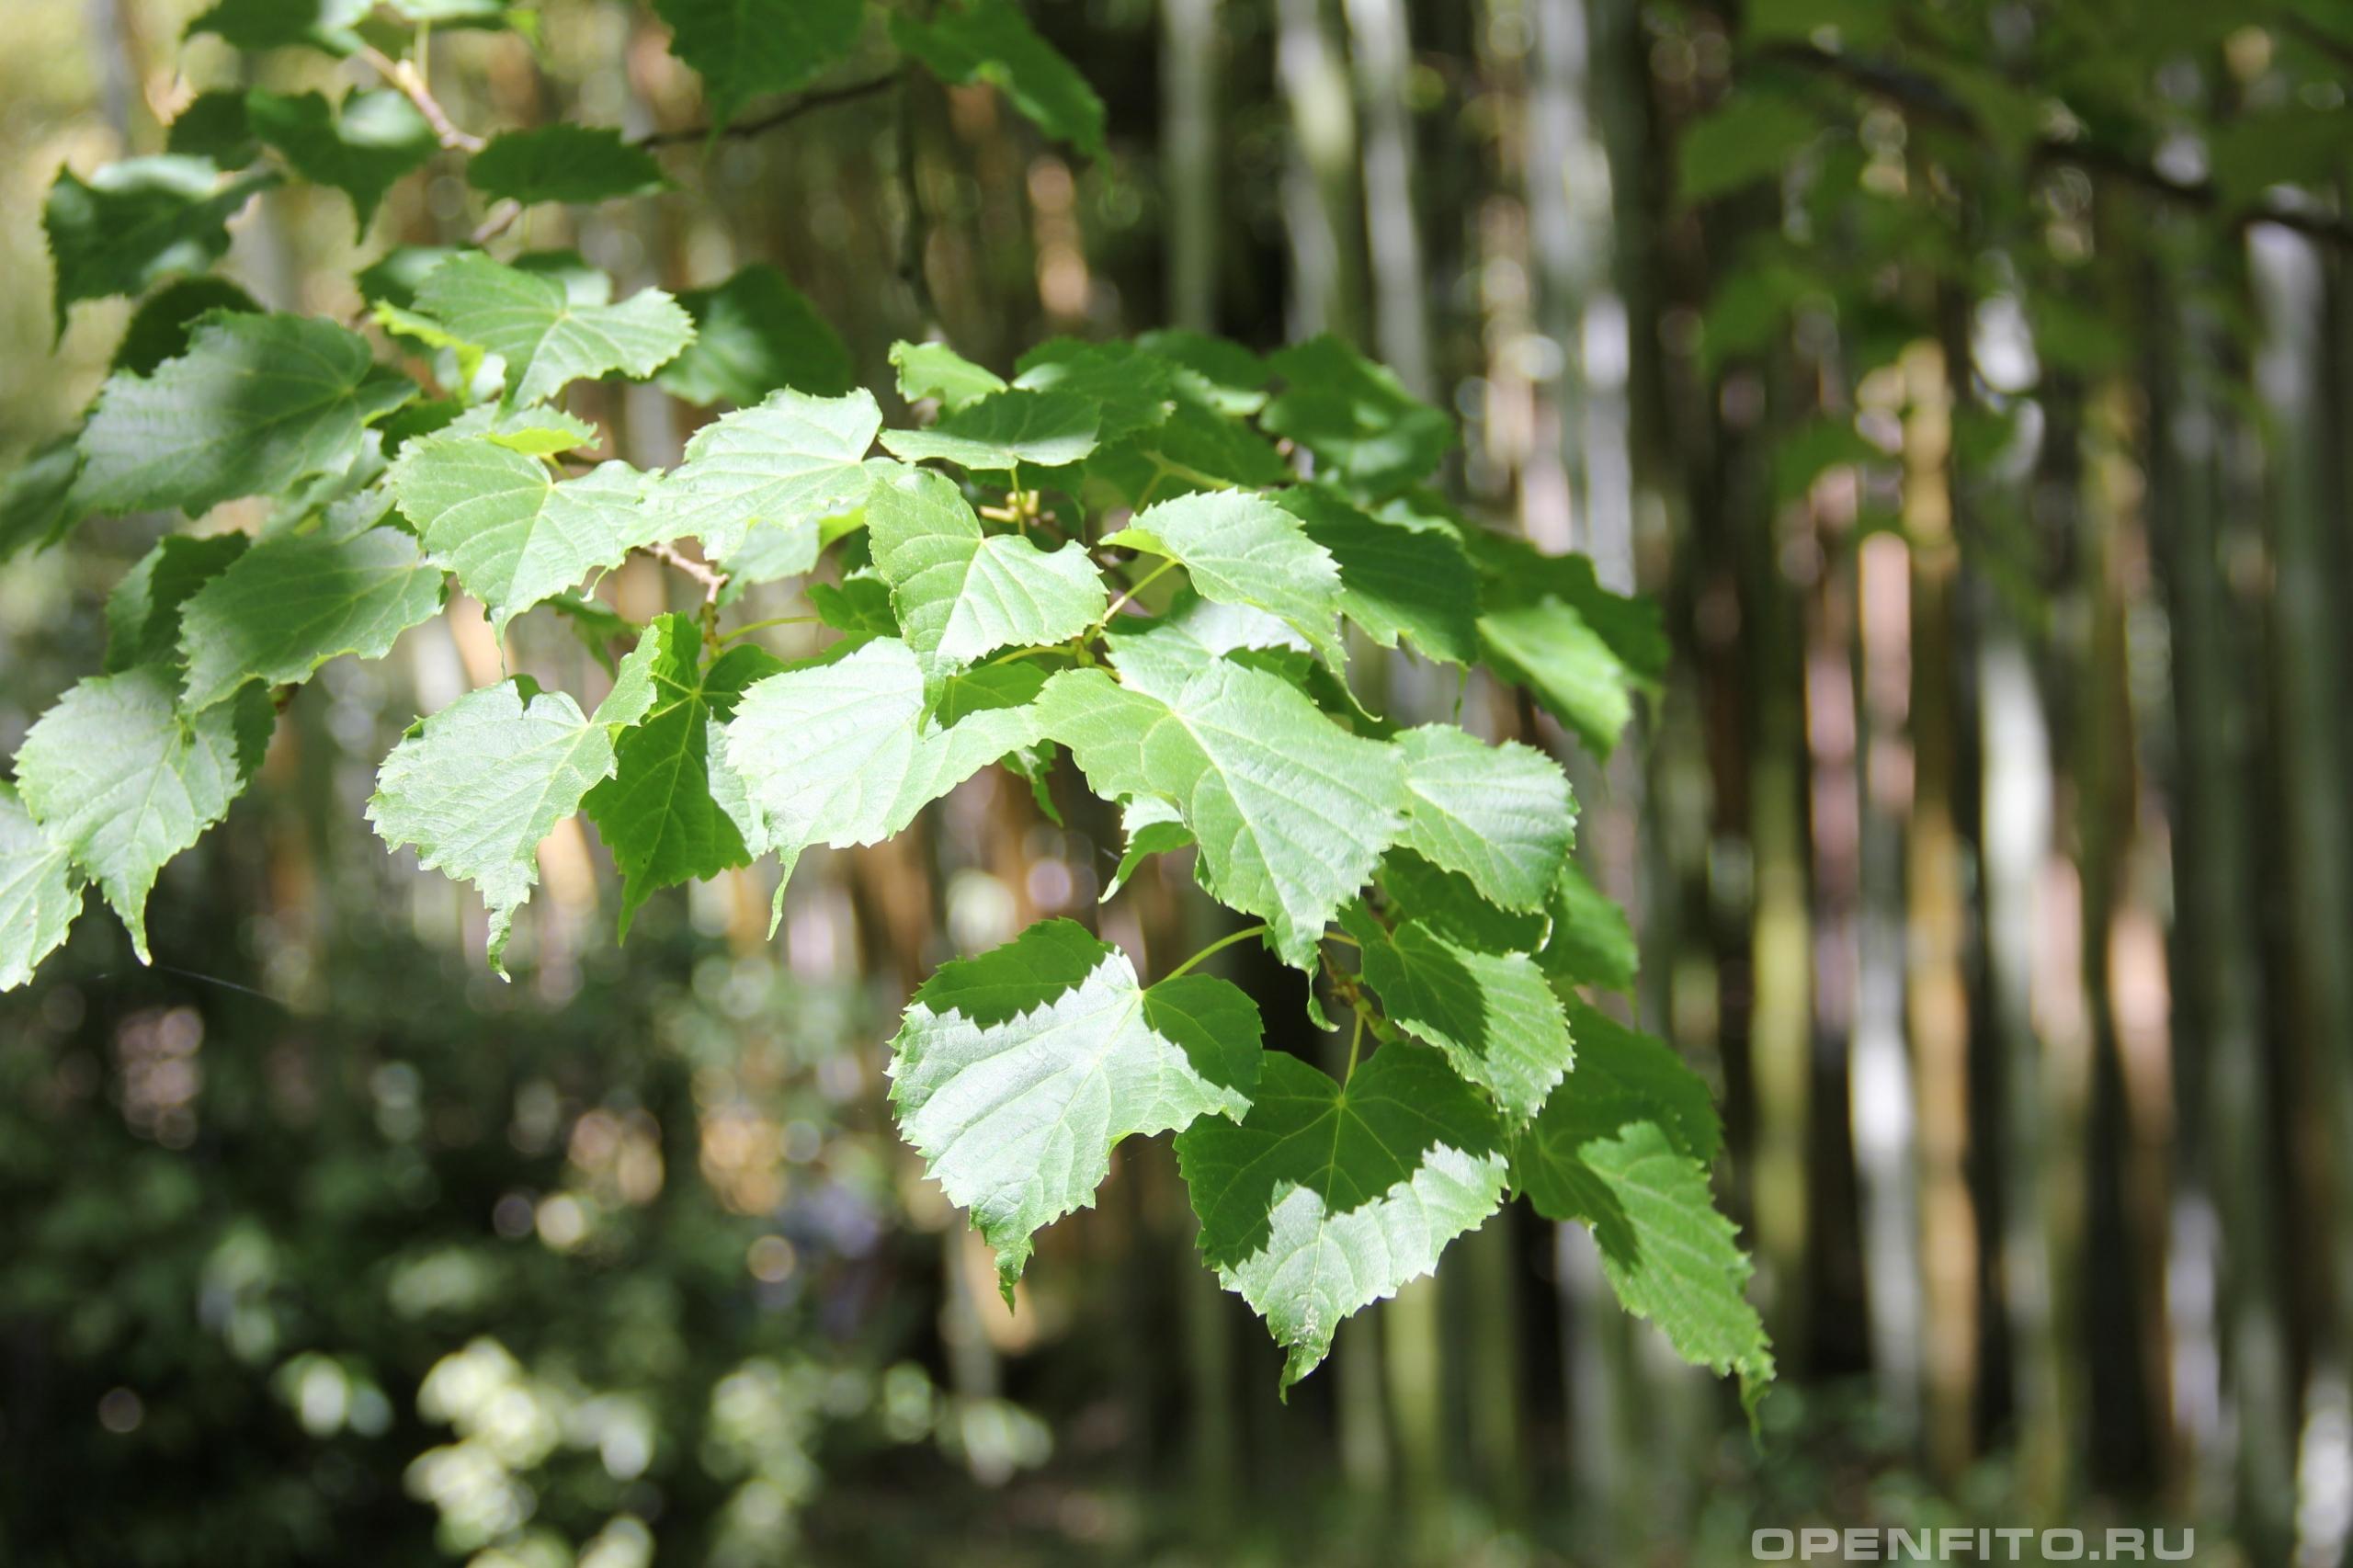 Липа амурская листья